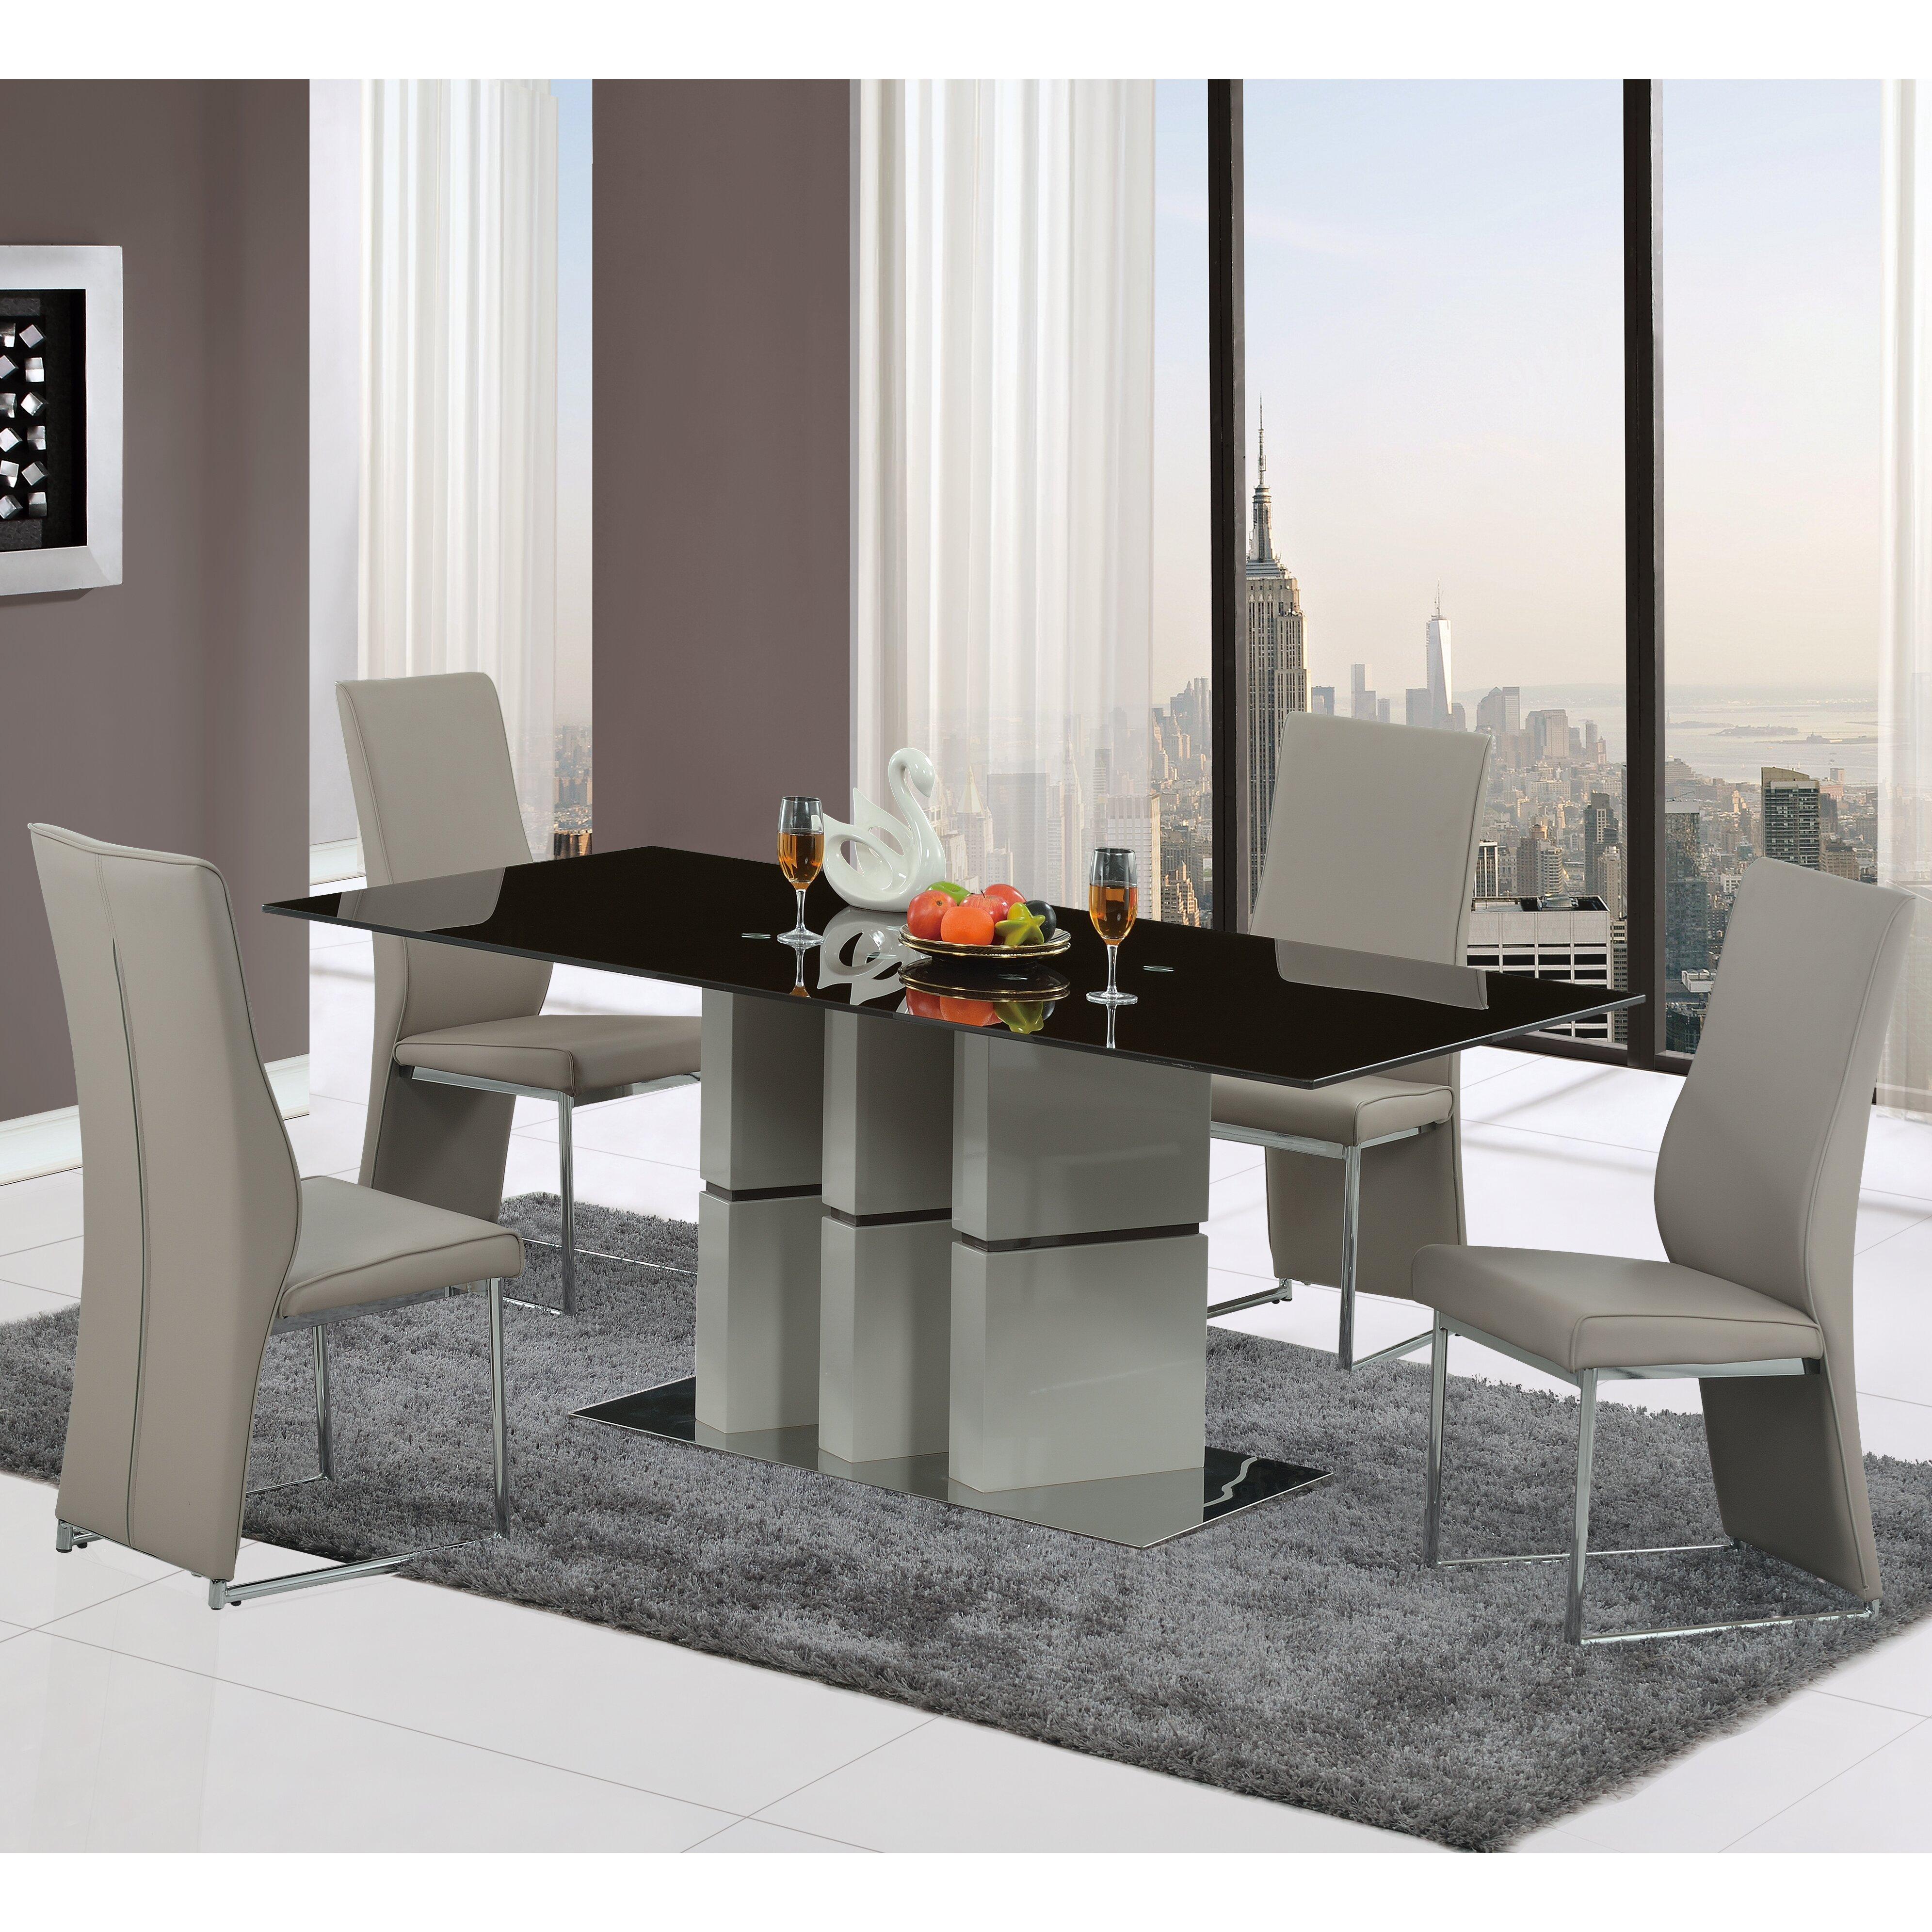 Global furniture usa dining table reviews wayfair